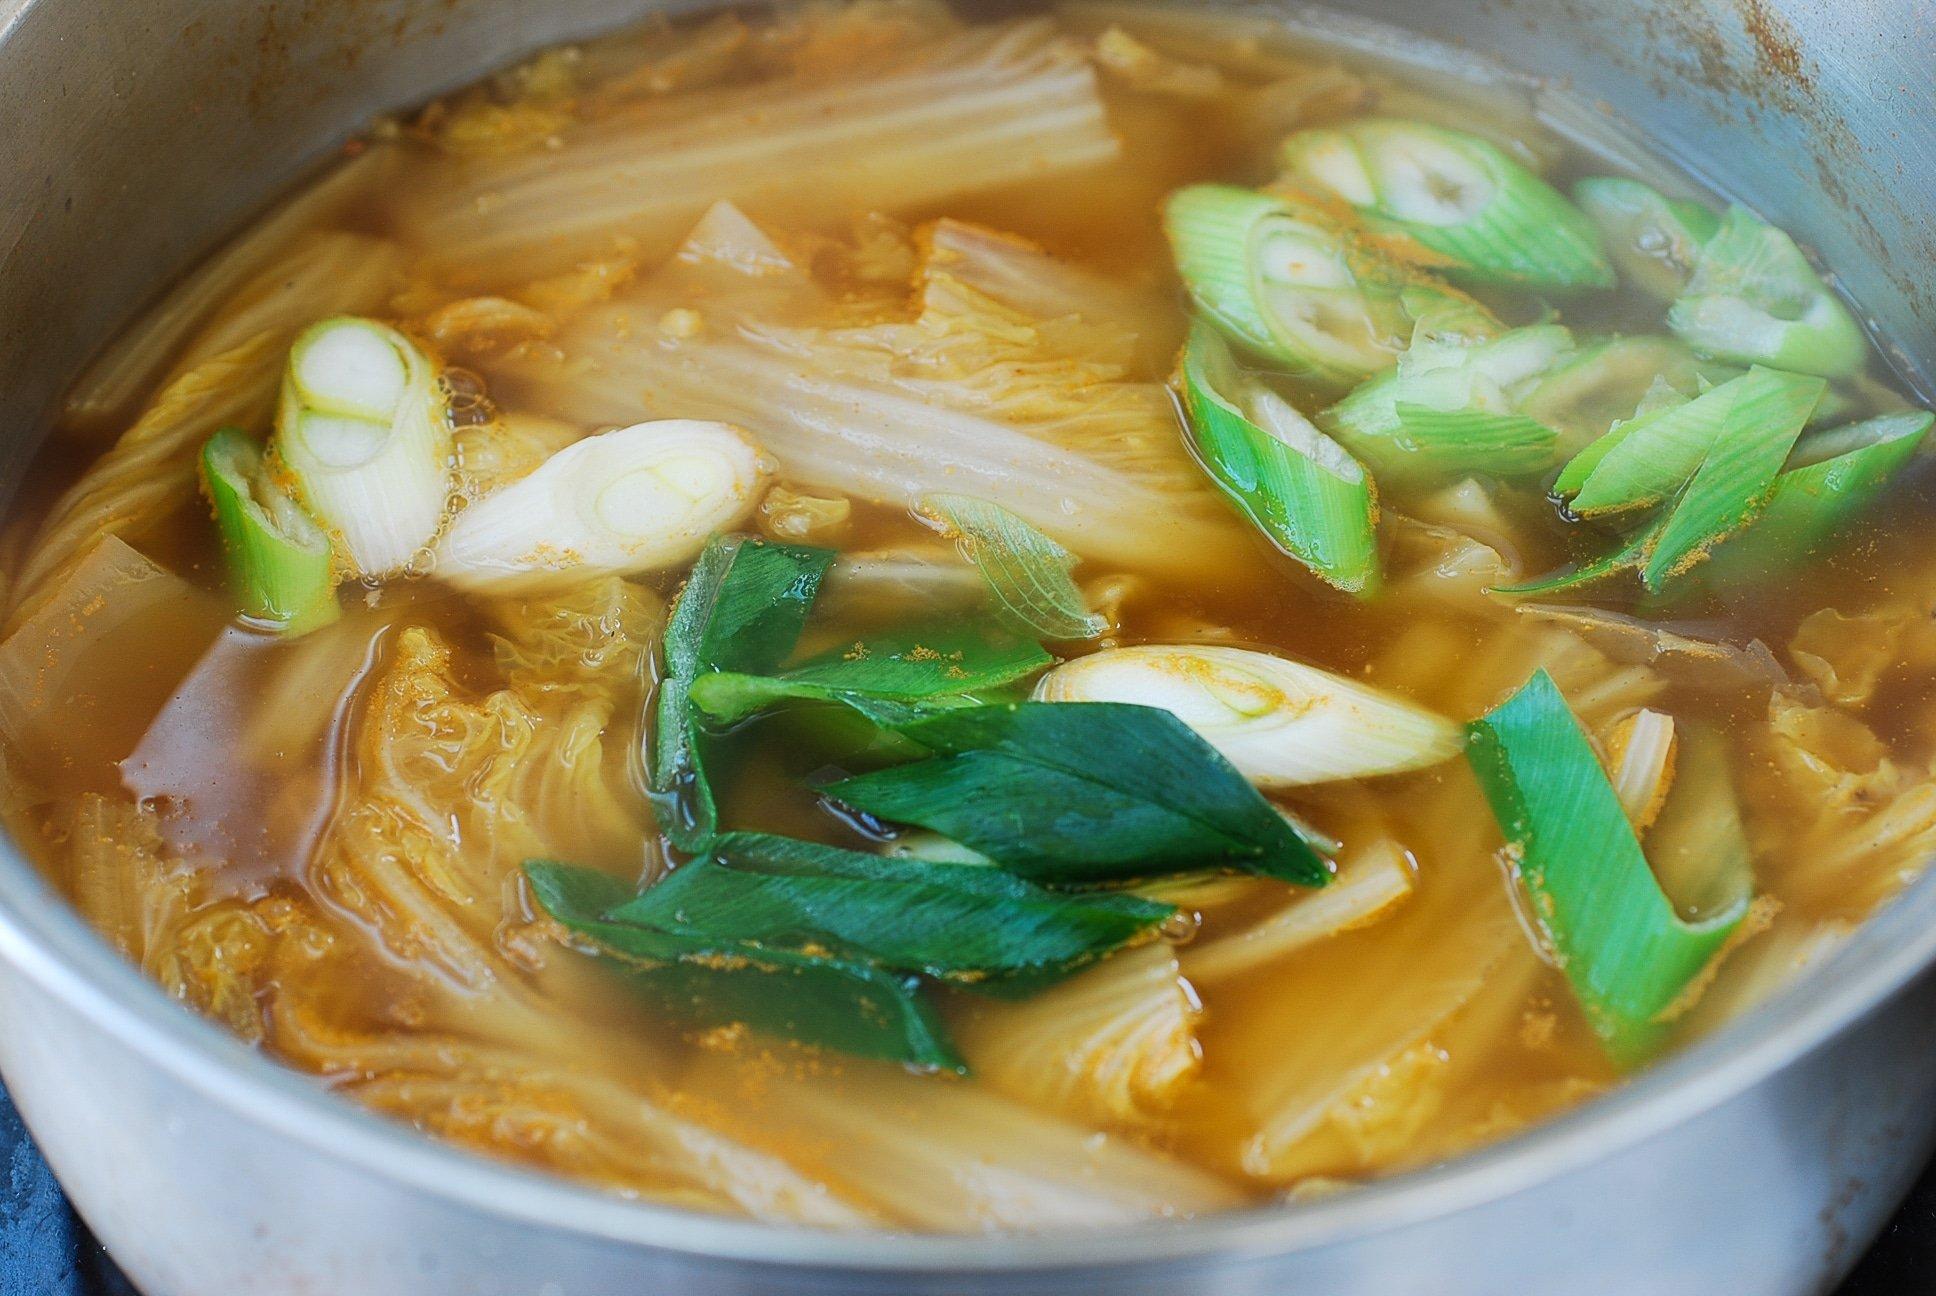 DSC 1809 - Baechu Doenjang Guk (Soybean Paste Soup)